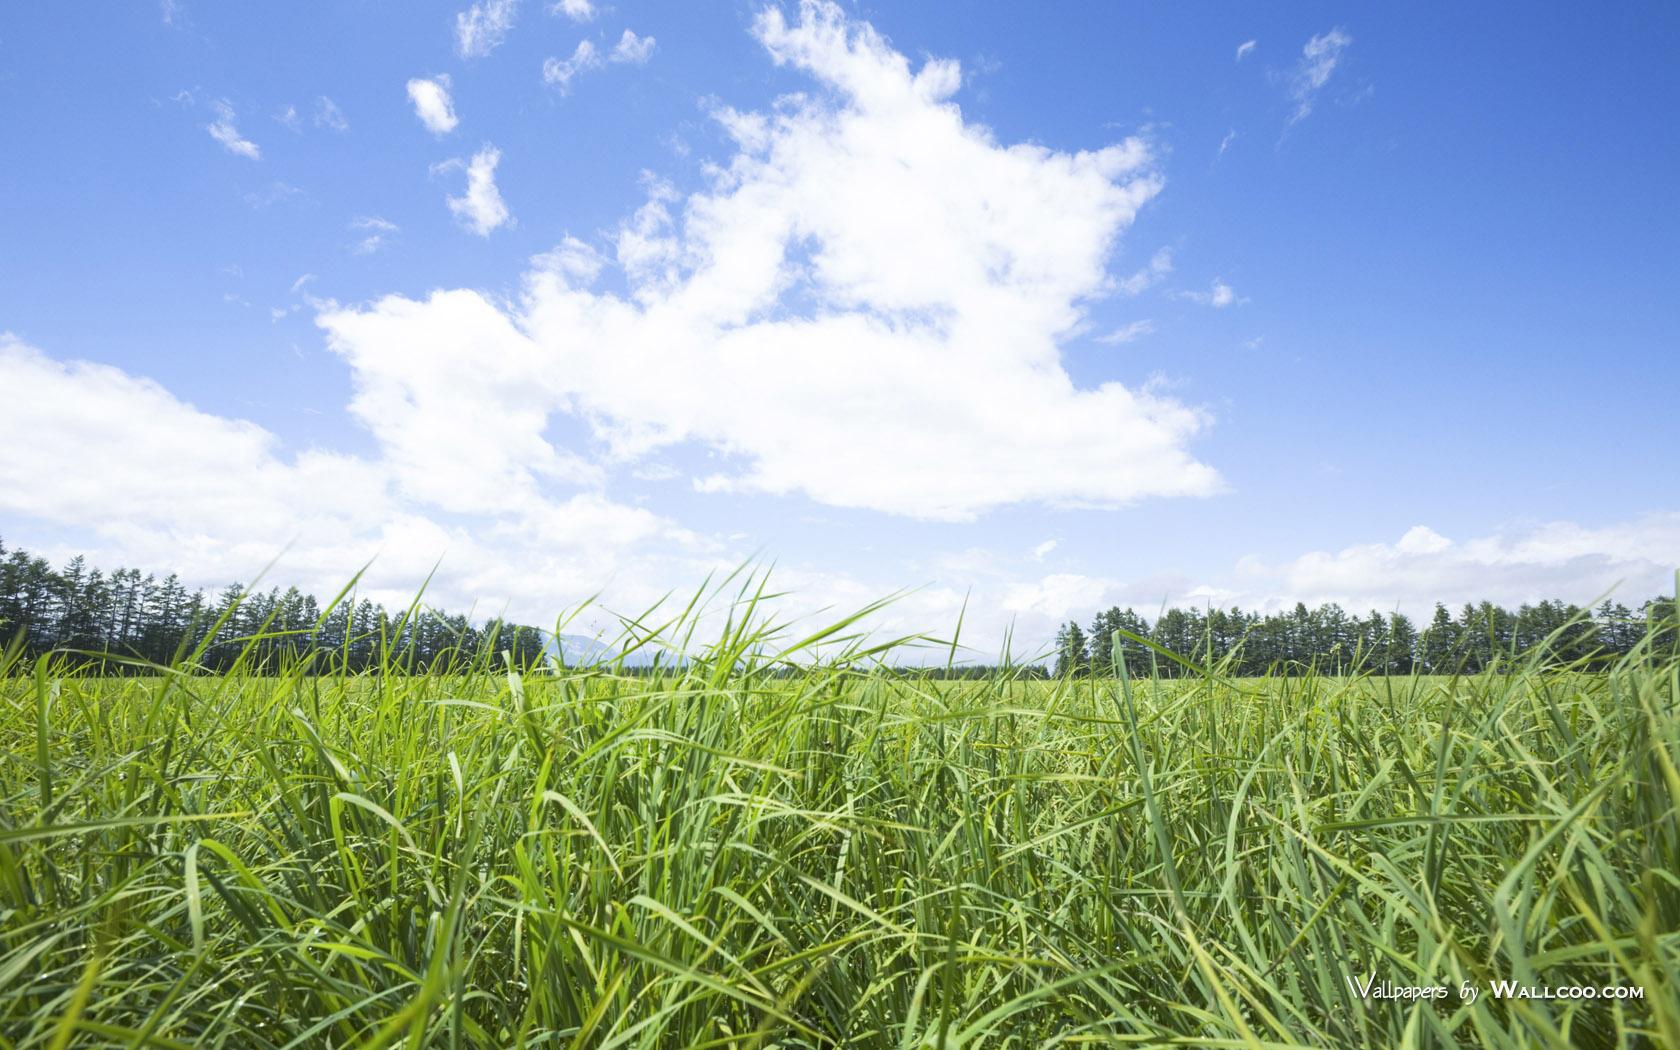 1050原野草原草地图片 Vast Grassland Photography壁纸,青青草原